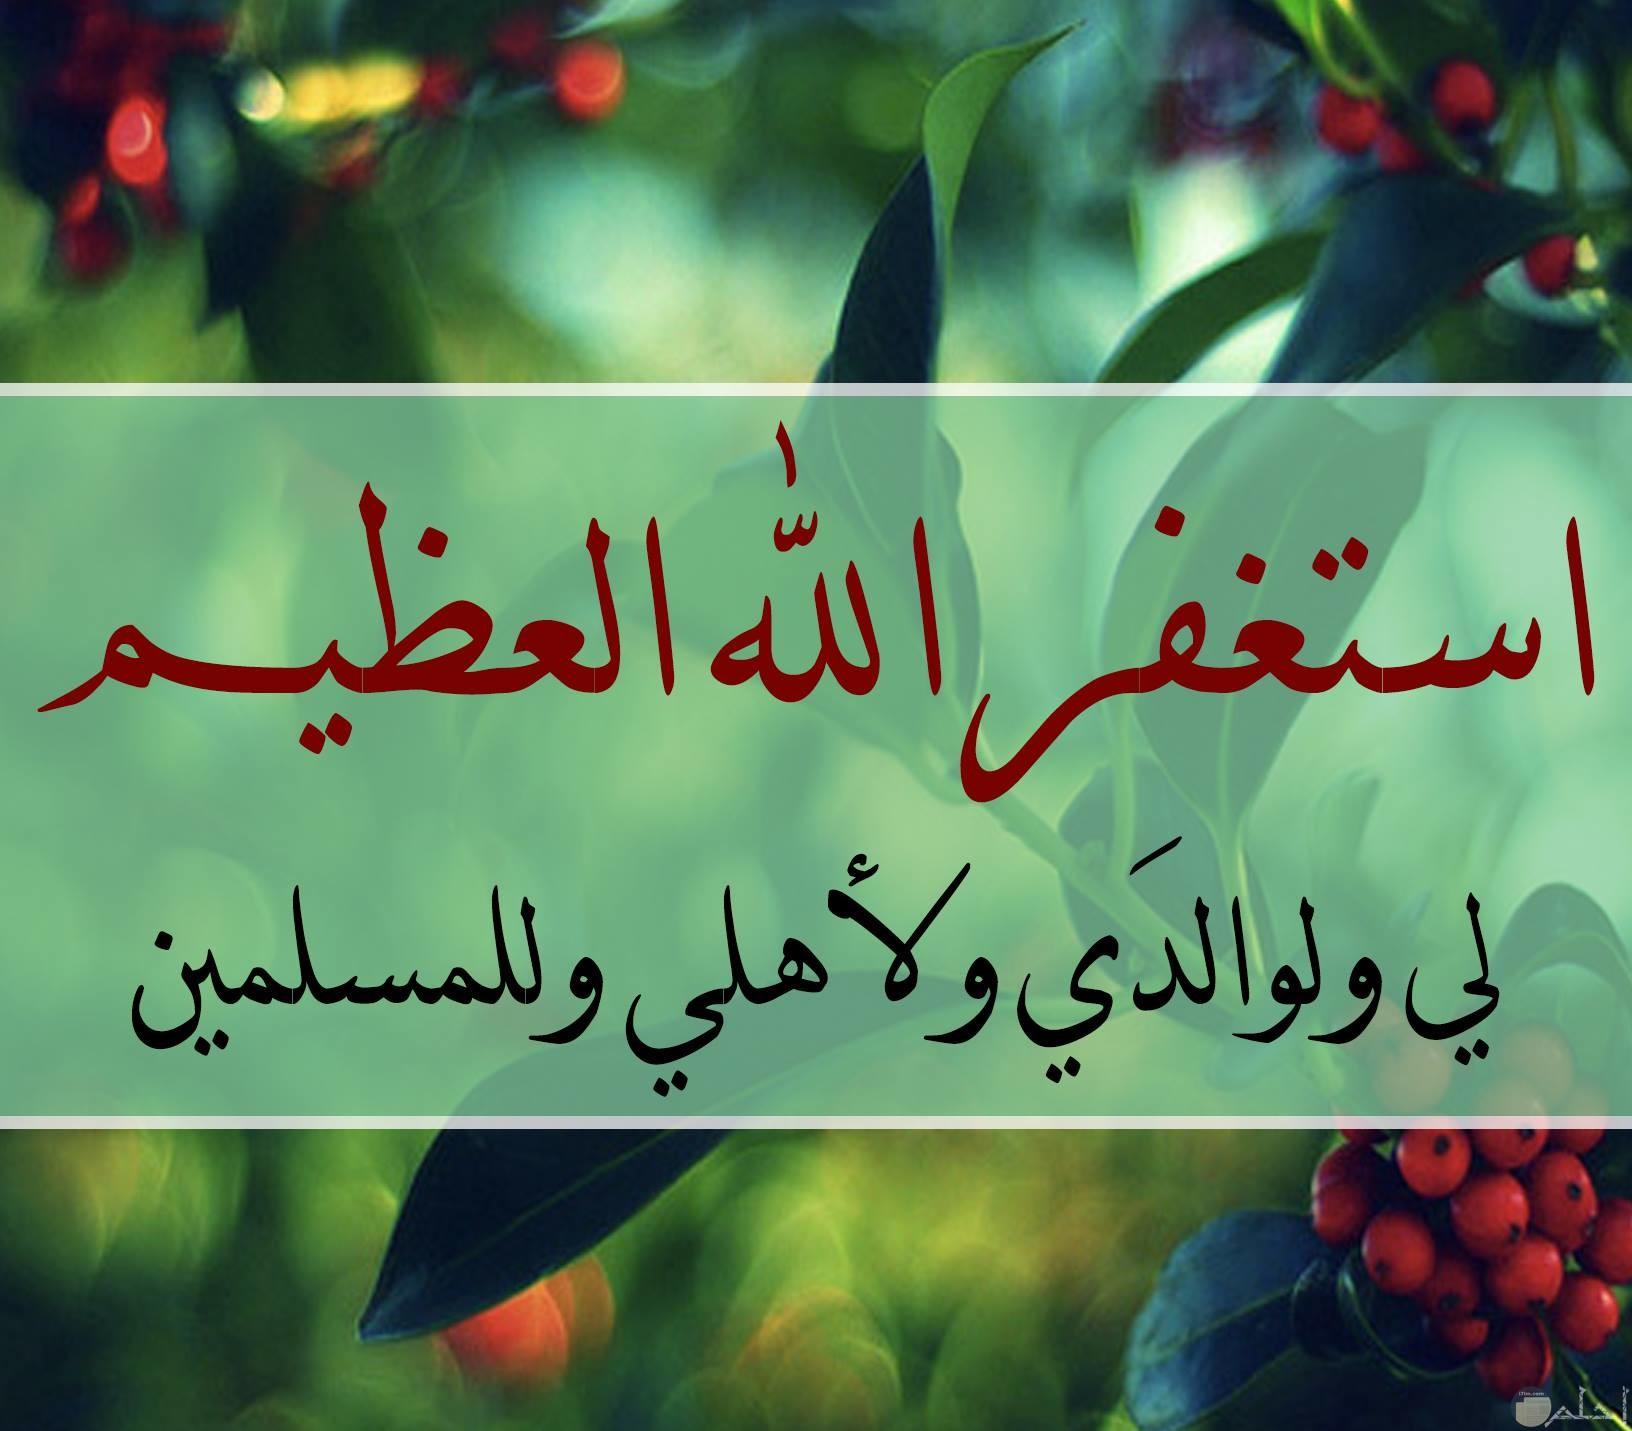 استغفر الله العظيم لي ولوالدي ولاهلي وللمسلمين